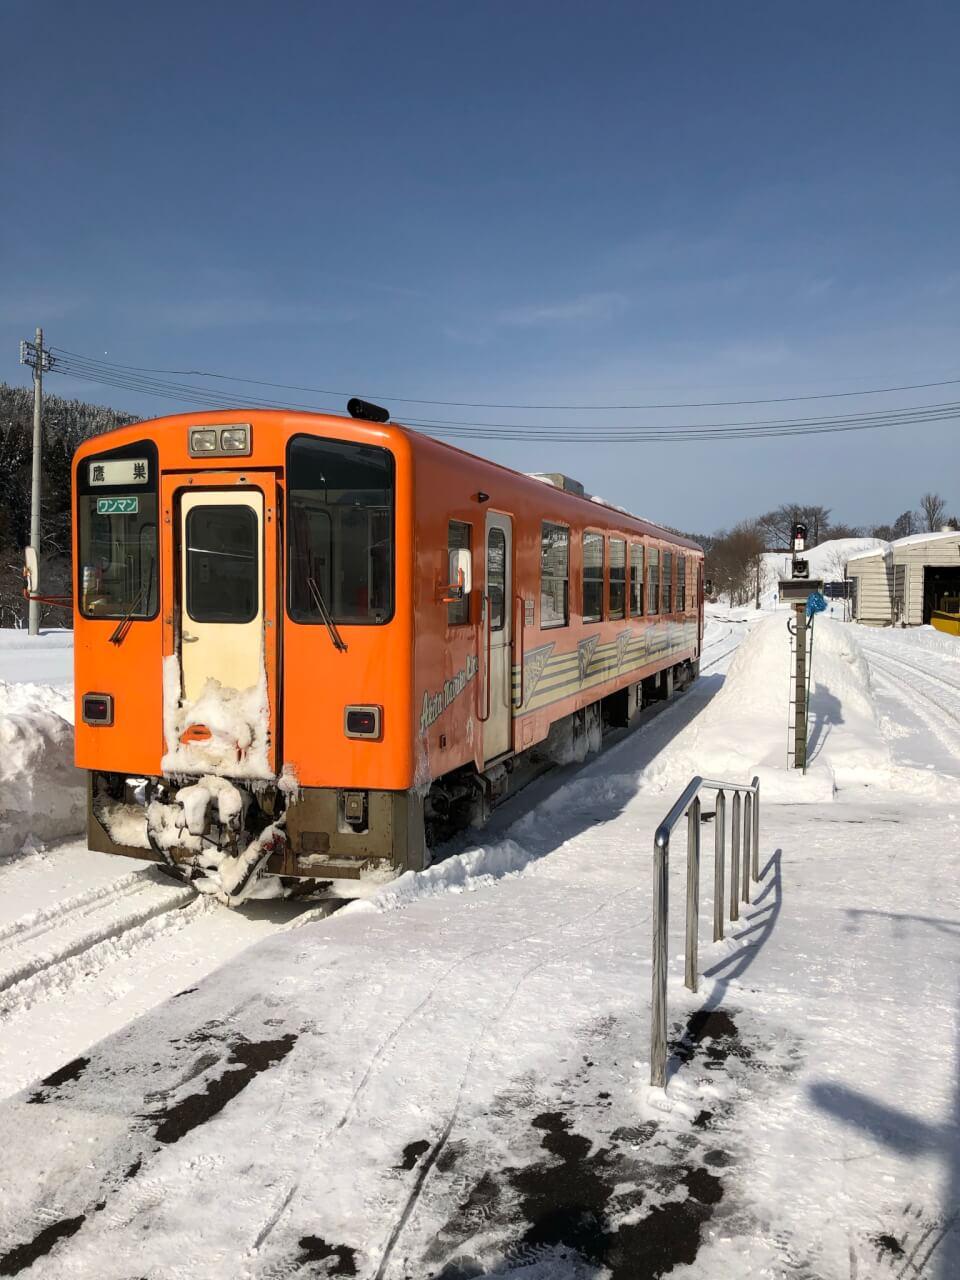 【国内・東北】 ローカル線「秋田内陸縦貫鉄道」とみちのく山間の秘湯